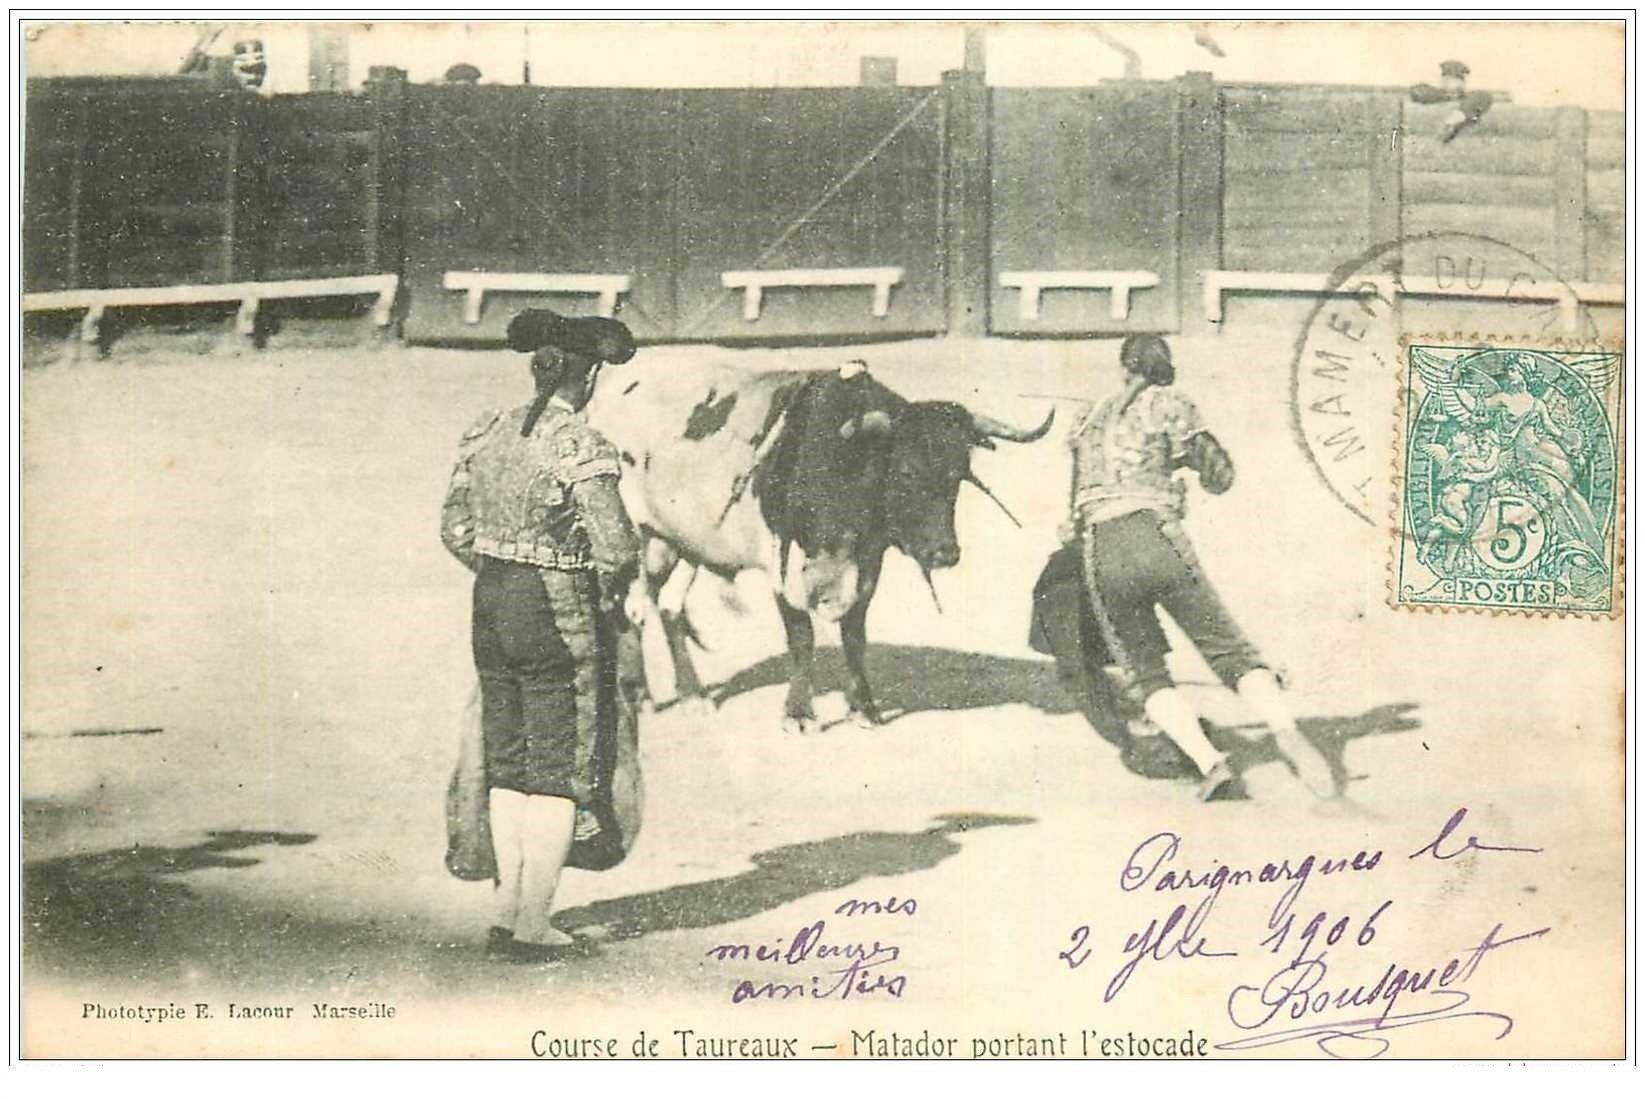 30 nimes corrida de taureaux matador portant l 39 estocade 1906. Black Bedroom Furniture Sets. Home Design Ideas